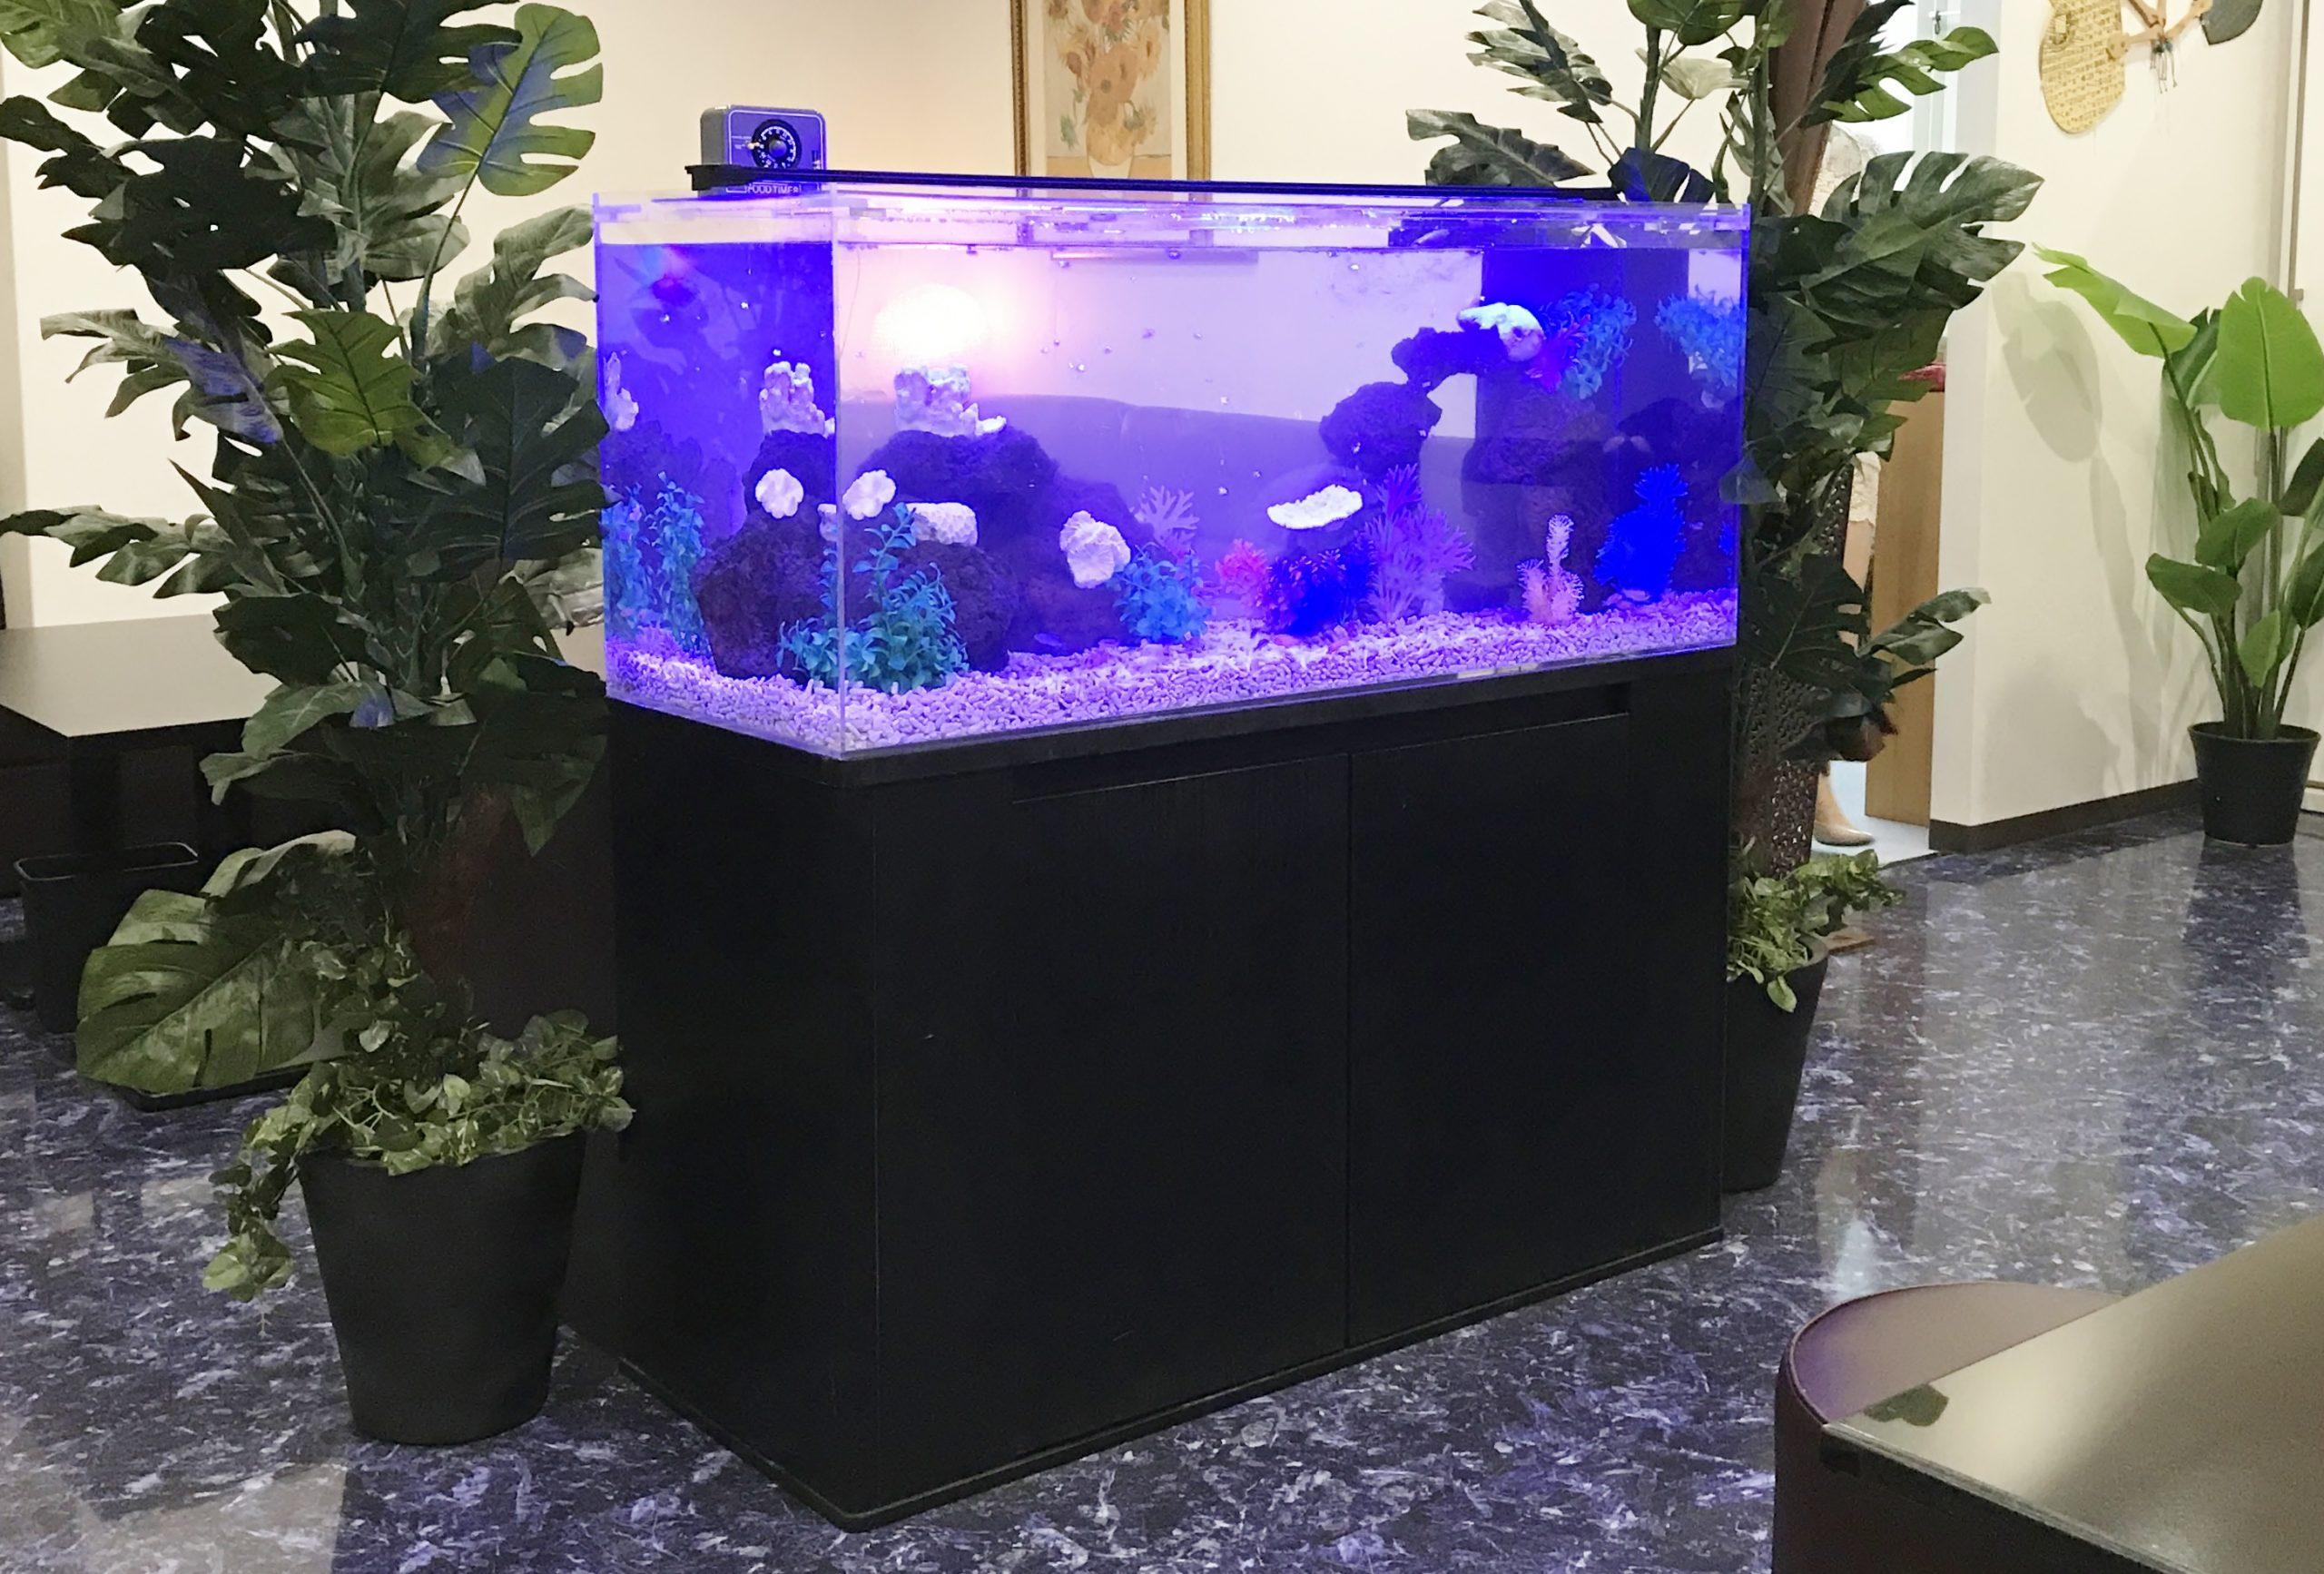 クラブ 120cm淡水魚水槽 斜め全体画像